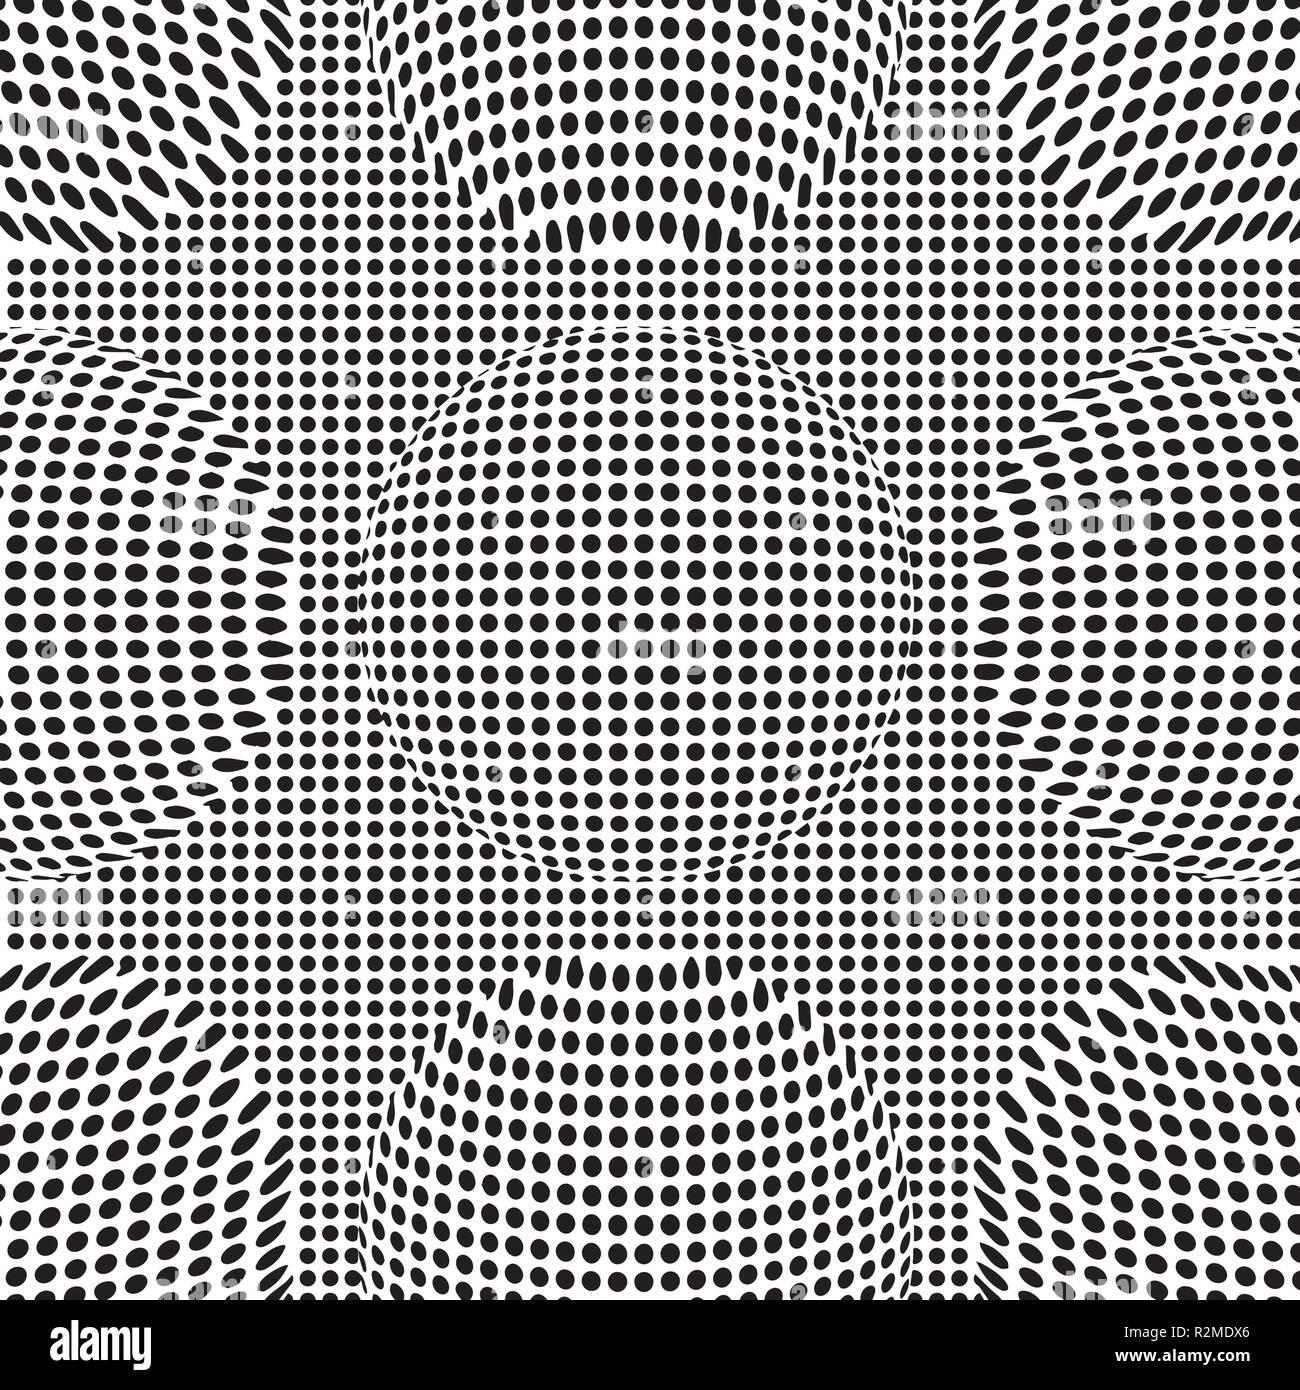 Ilusion Optica Lineas De Fondo Abstract 3d Ilusiones En